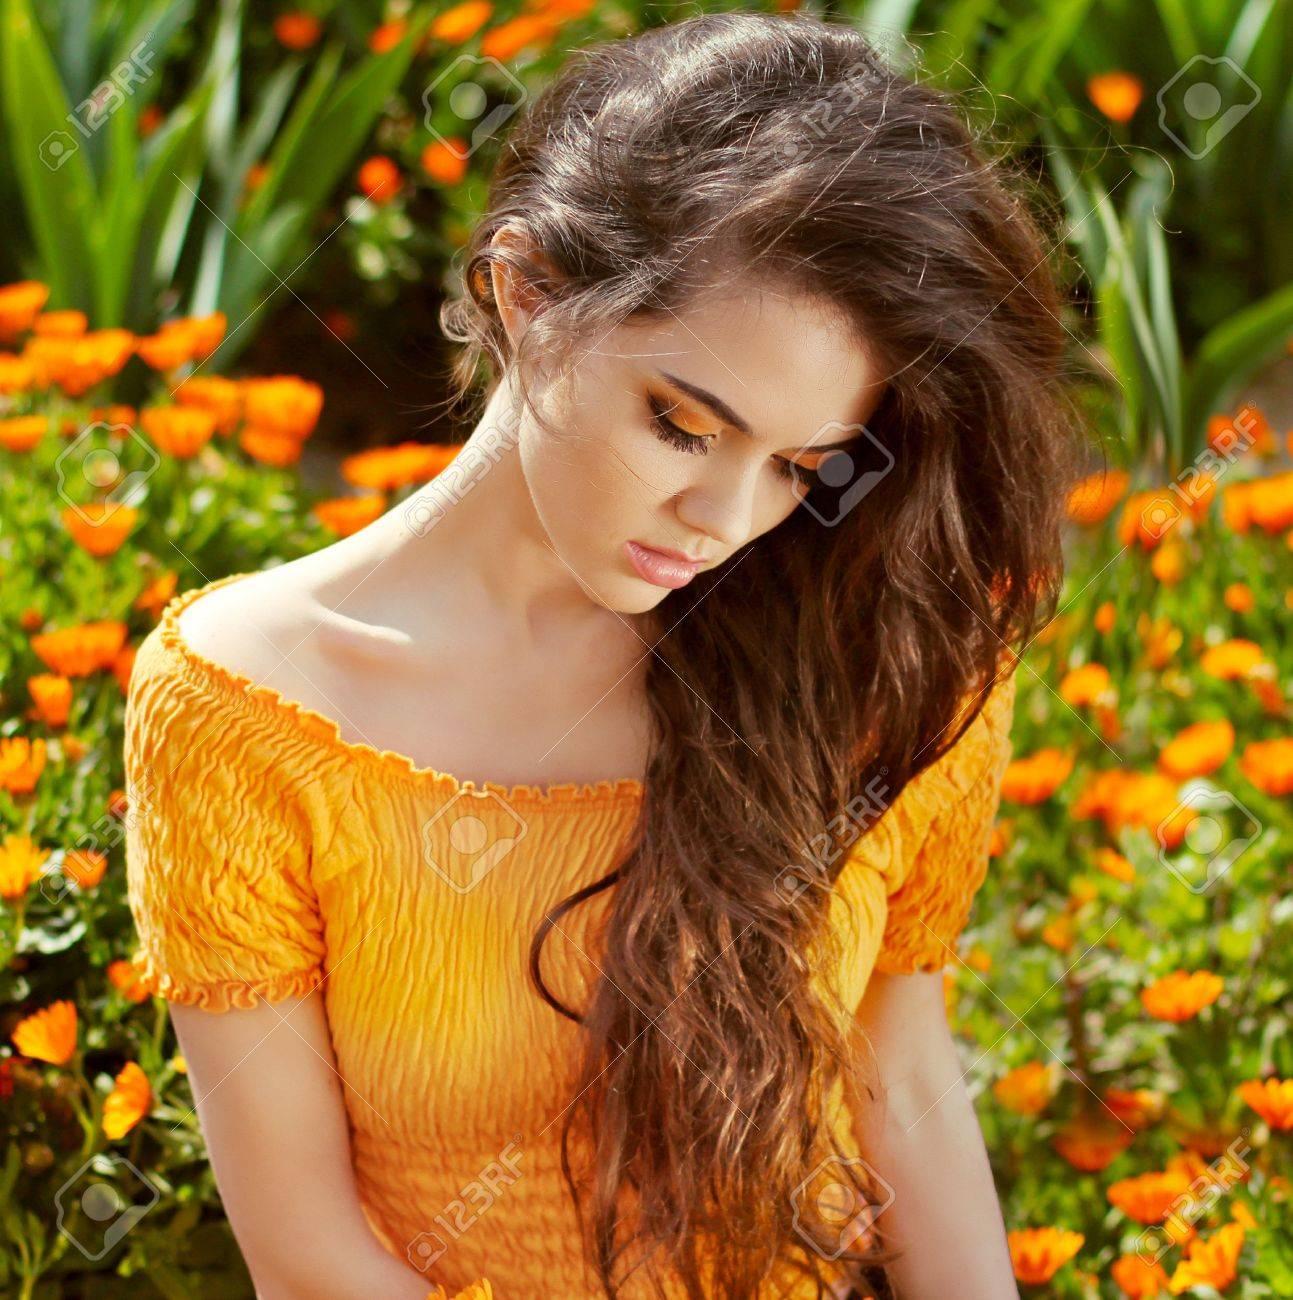 Фото красивых девушек с длинными волосами 15 фотография